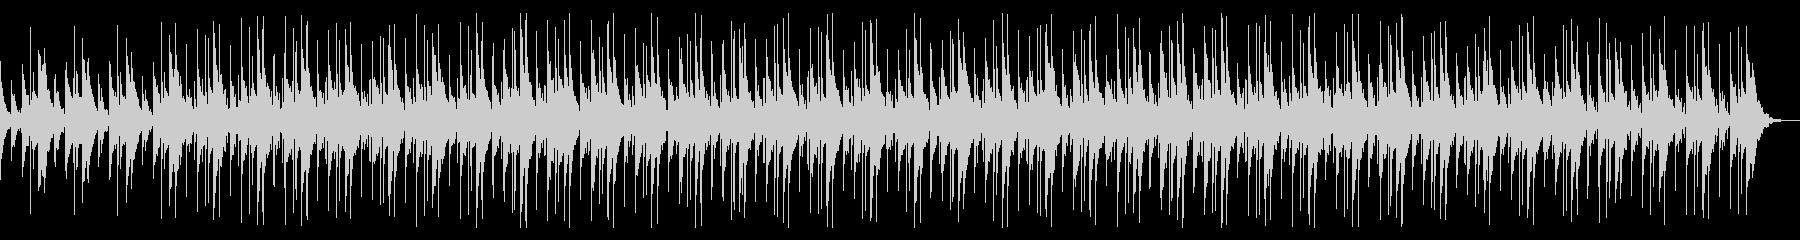 無機質で不可思議なBGMの未再生の波形